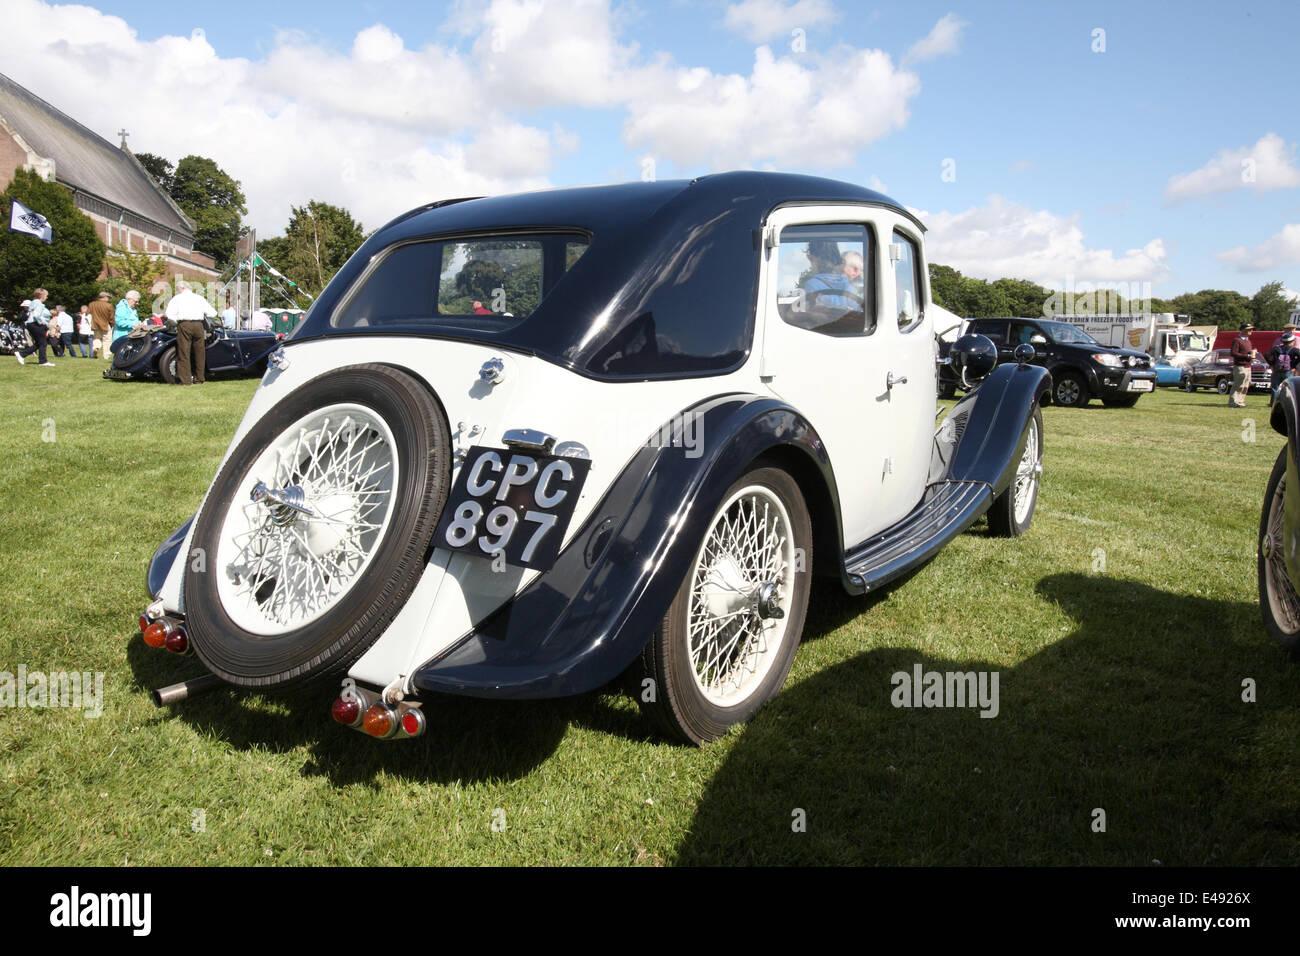 Vintage Car Show Stock Photos & Vintage Car Show Stock Images - Alamy